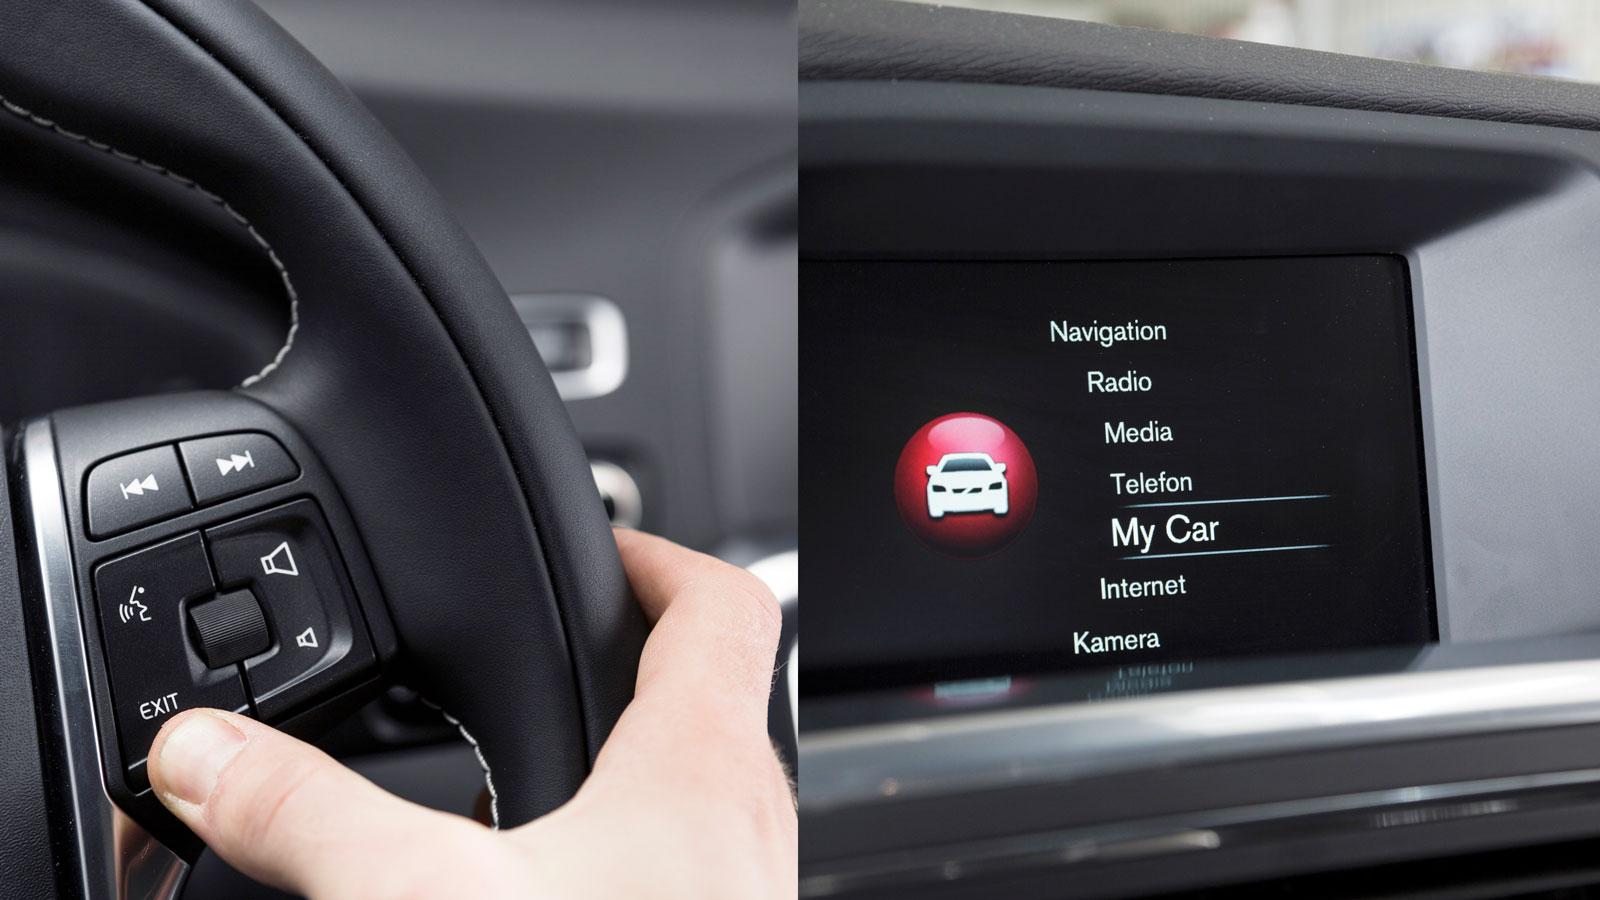 Volvo: Fastän Volvo har vred och knapp till sitt infotainment så är det logiskt och busenkelt att använda. Och displayen håller sig fräsch när ingen ständigt fingrar på den!